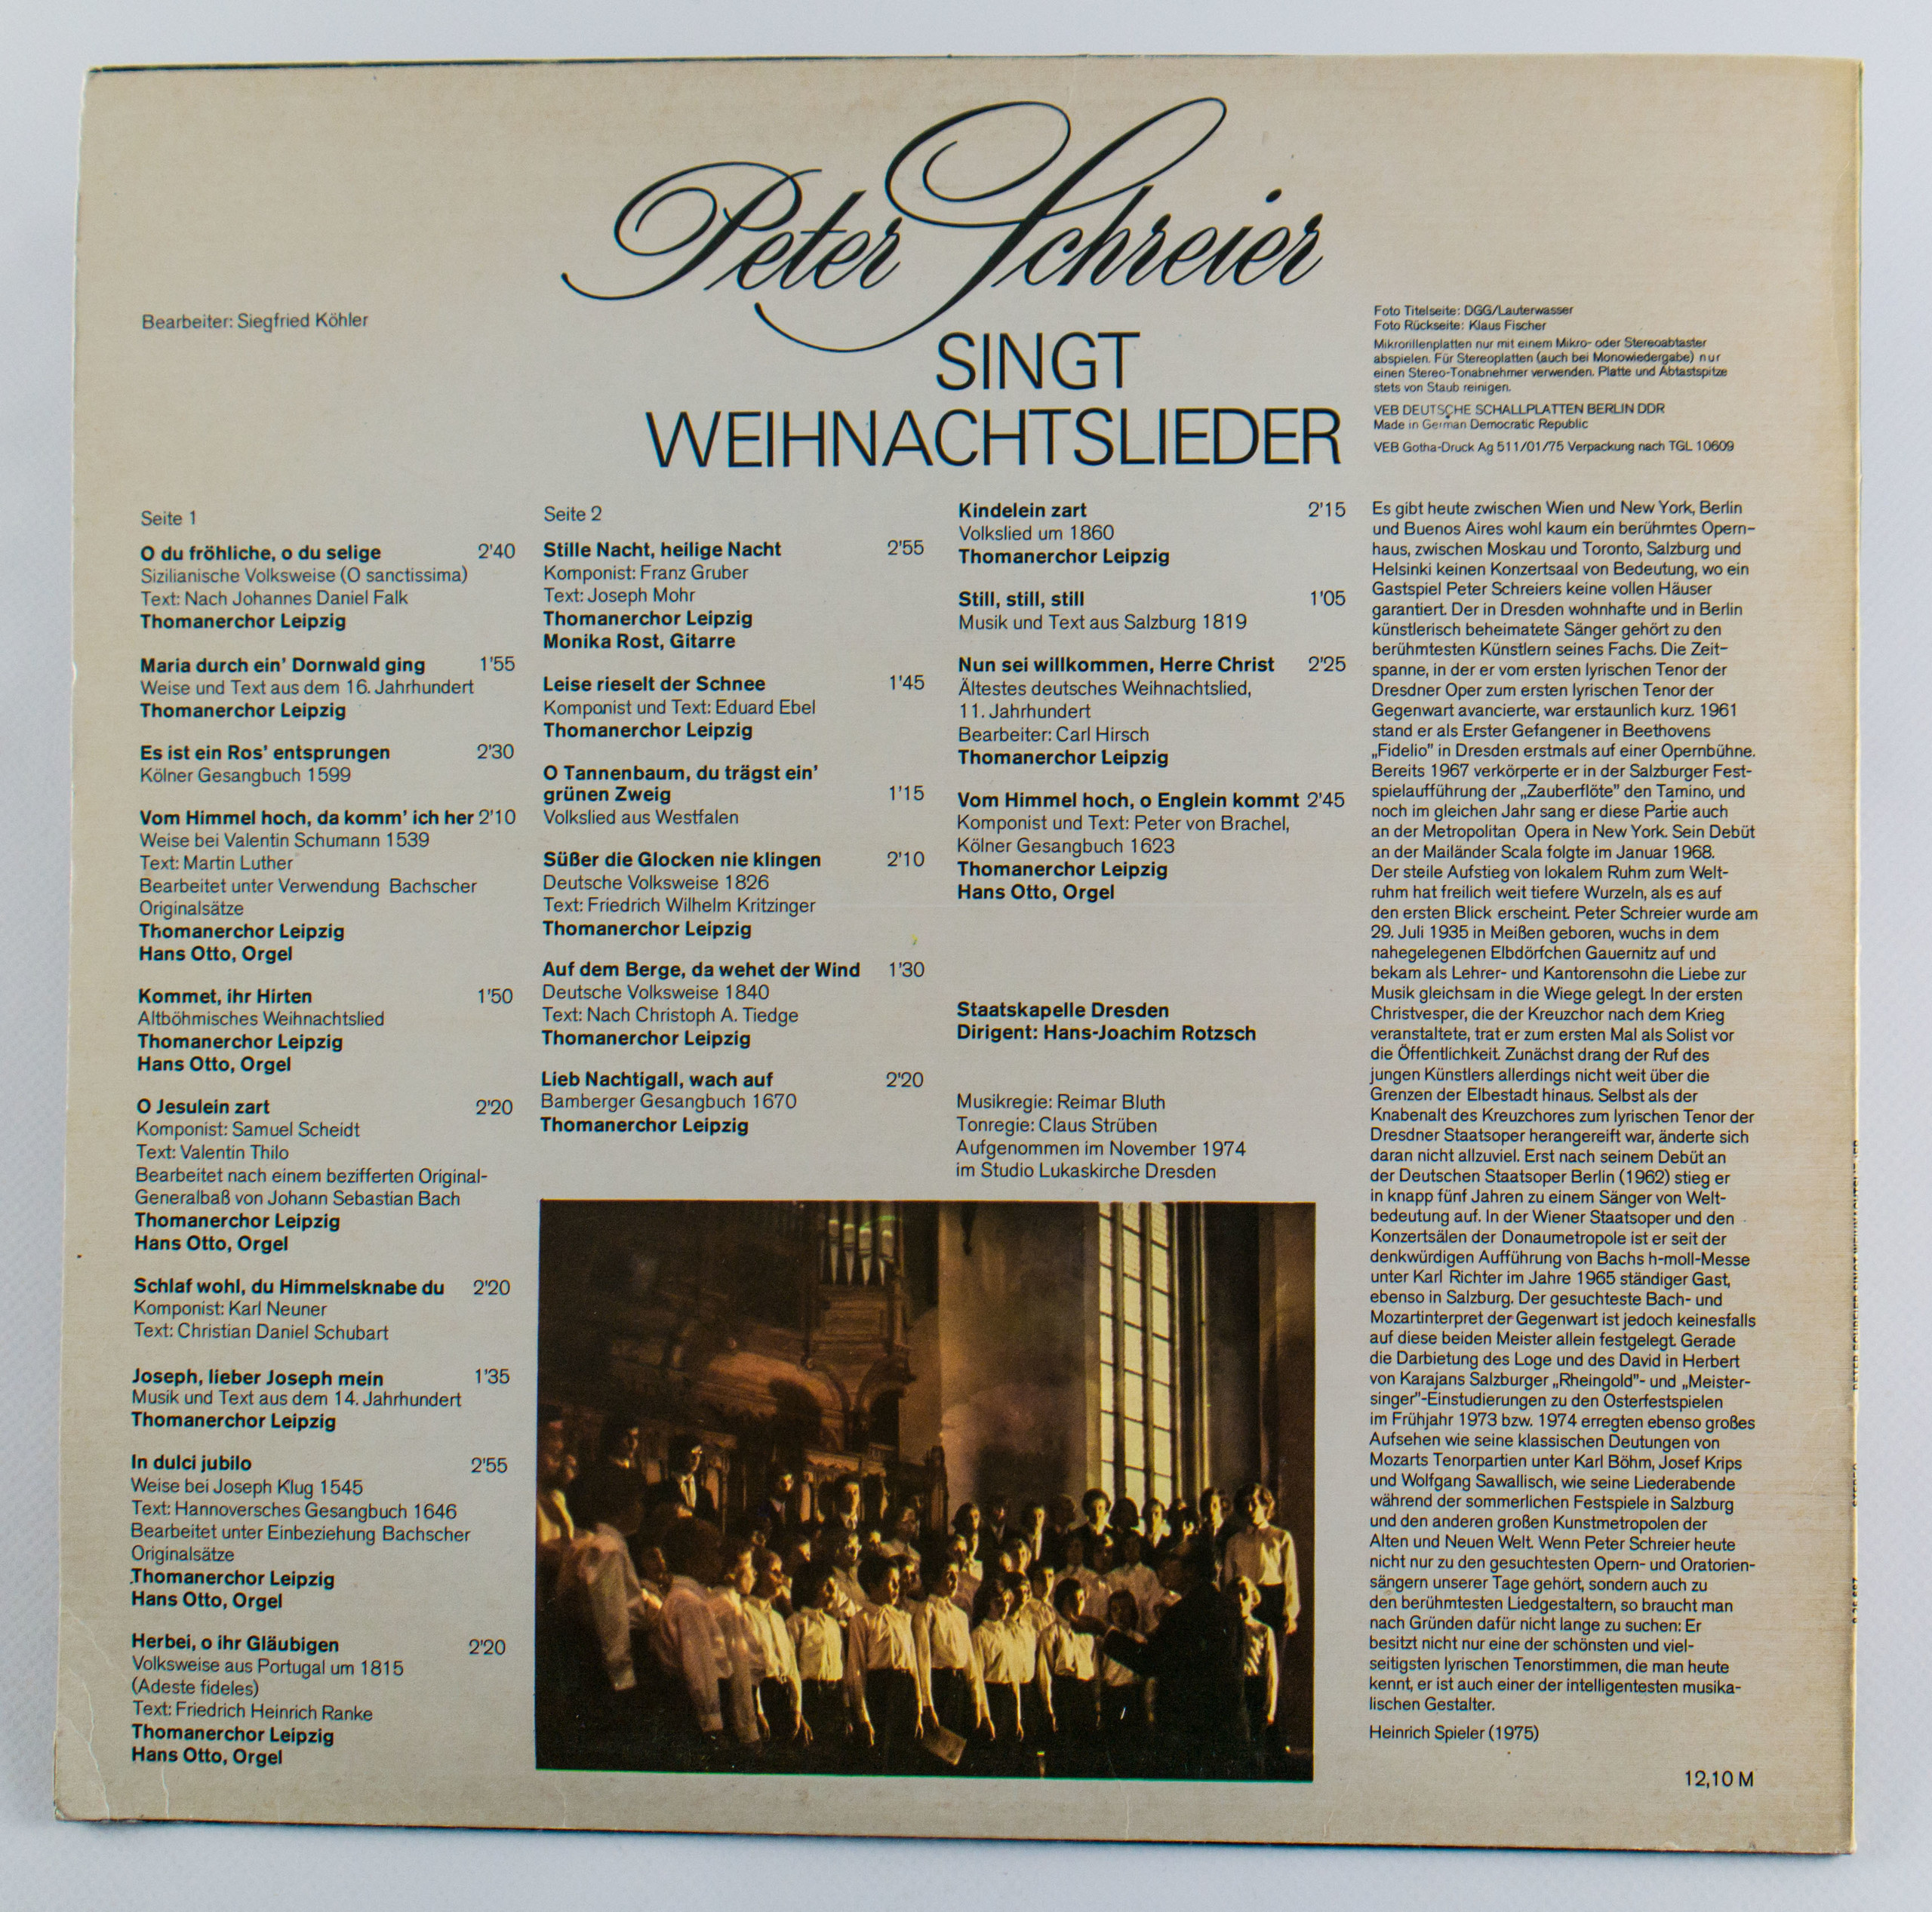 Ddr Weihnachtslieder Texte.Schallplatte Peter Schreier Singt Weihnachtslieder Ddr Museum Berlin